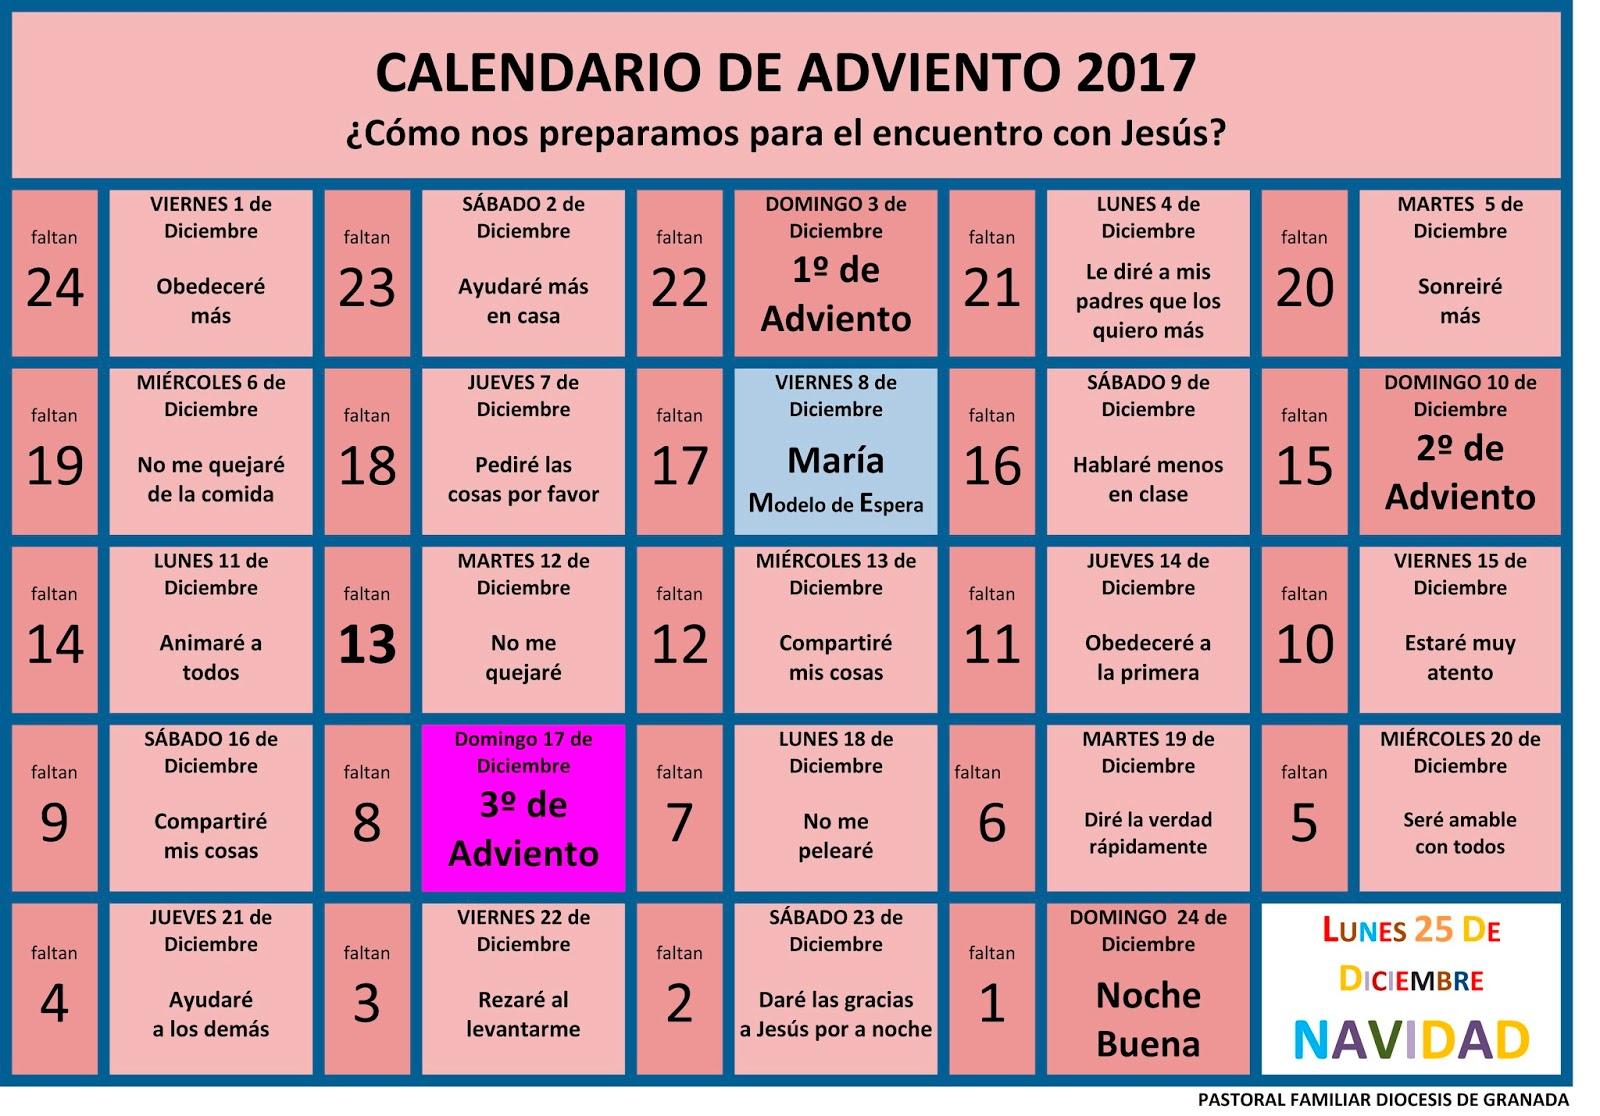 Pastoral Familiar Archidiocesis De Granada Calendarios De Adviento - Calendario-de-adviento